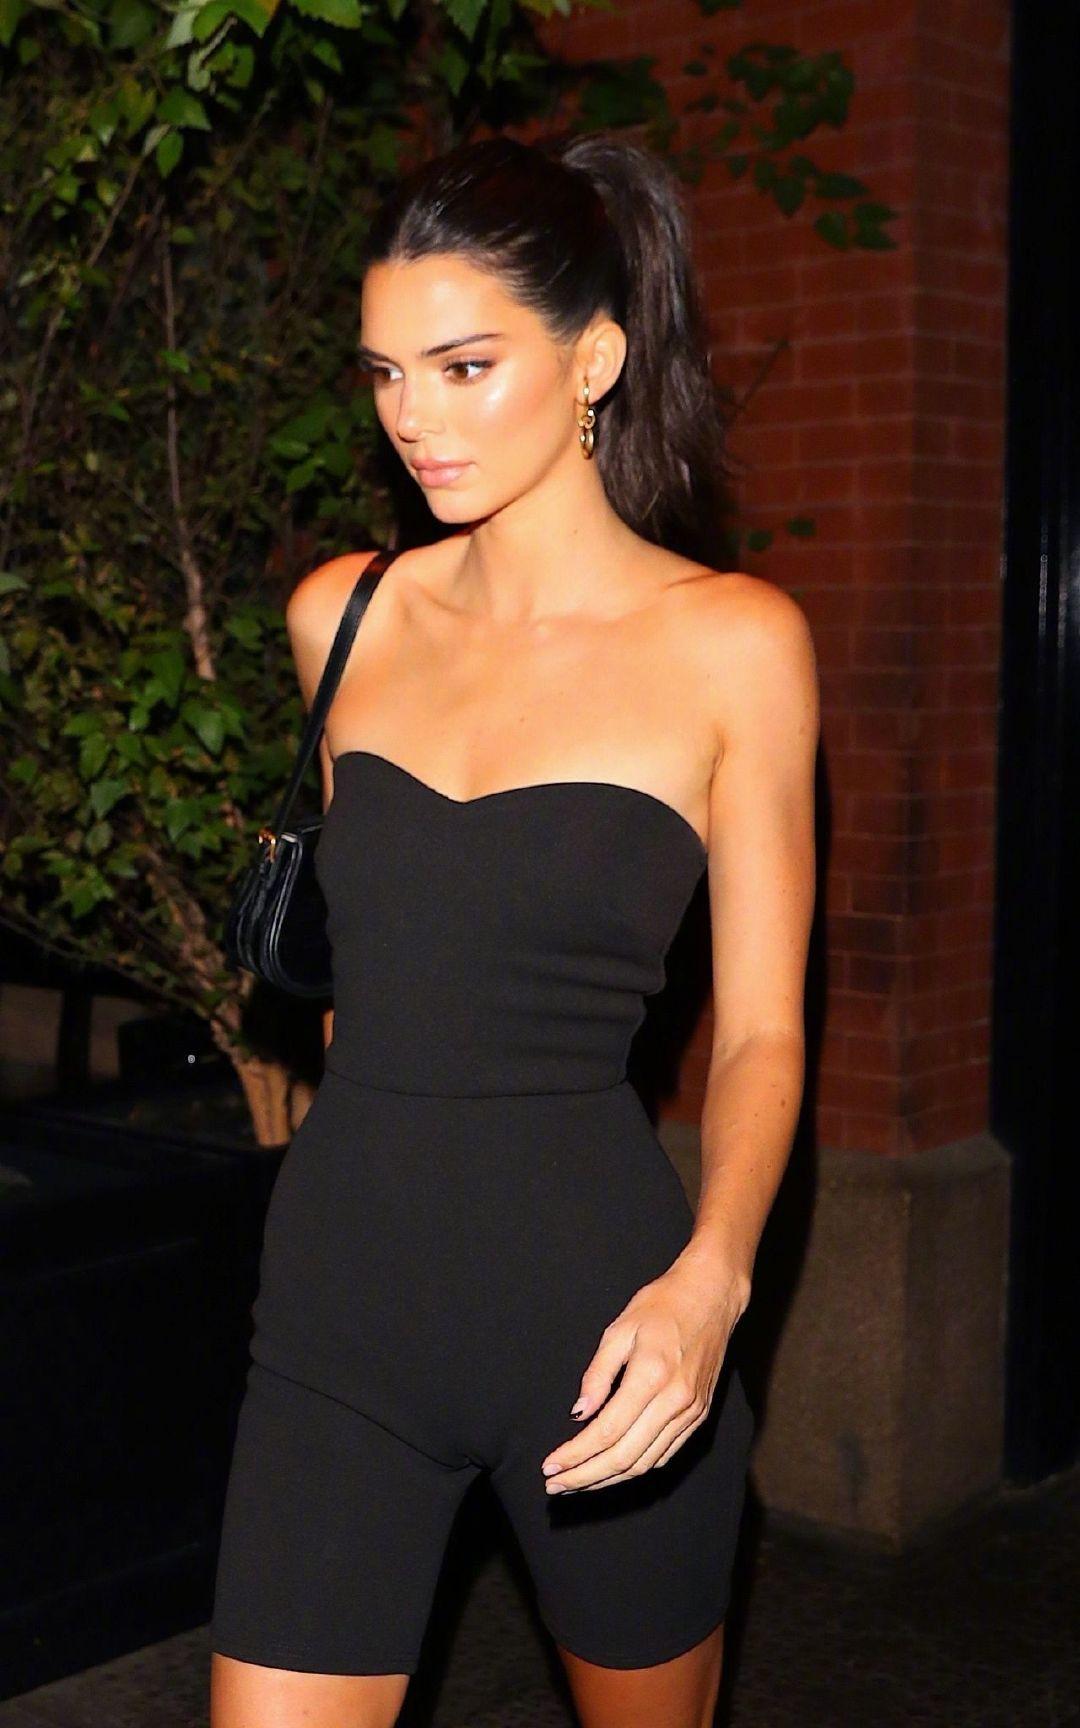 当地时间9月7日, 肯豆Kendall Jenner 脚穿 Alexander Wang凉鞋